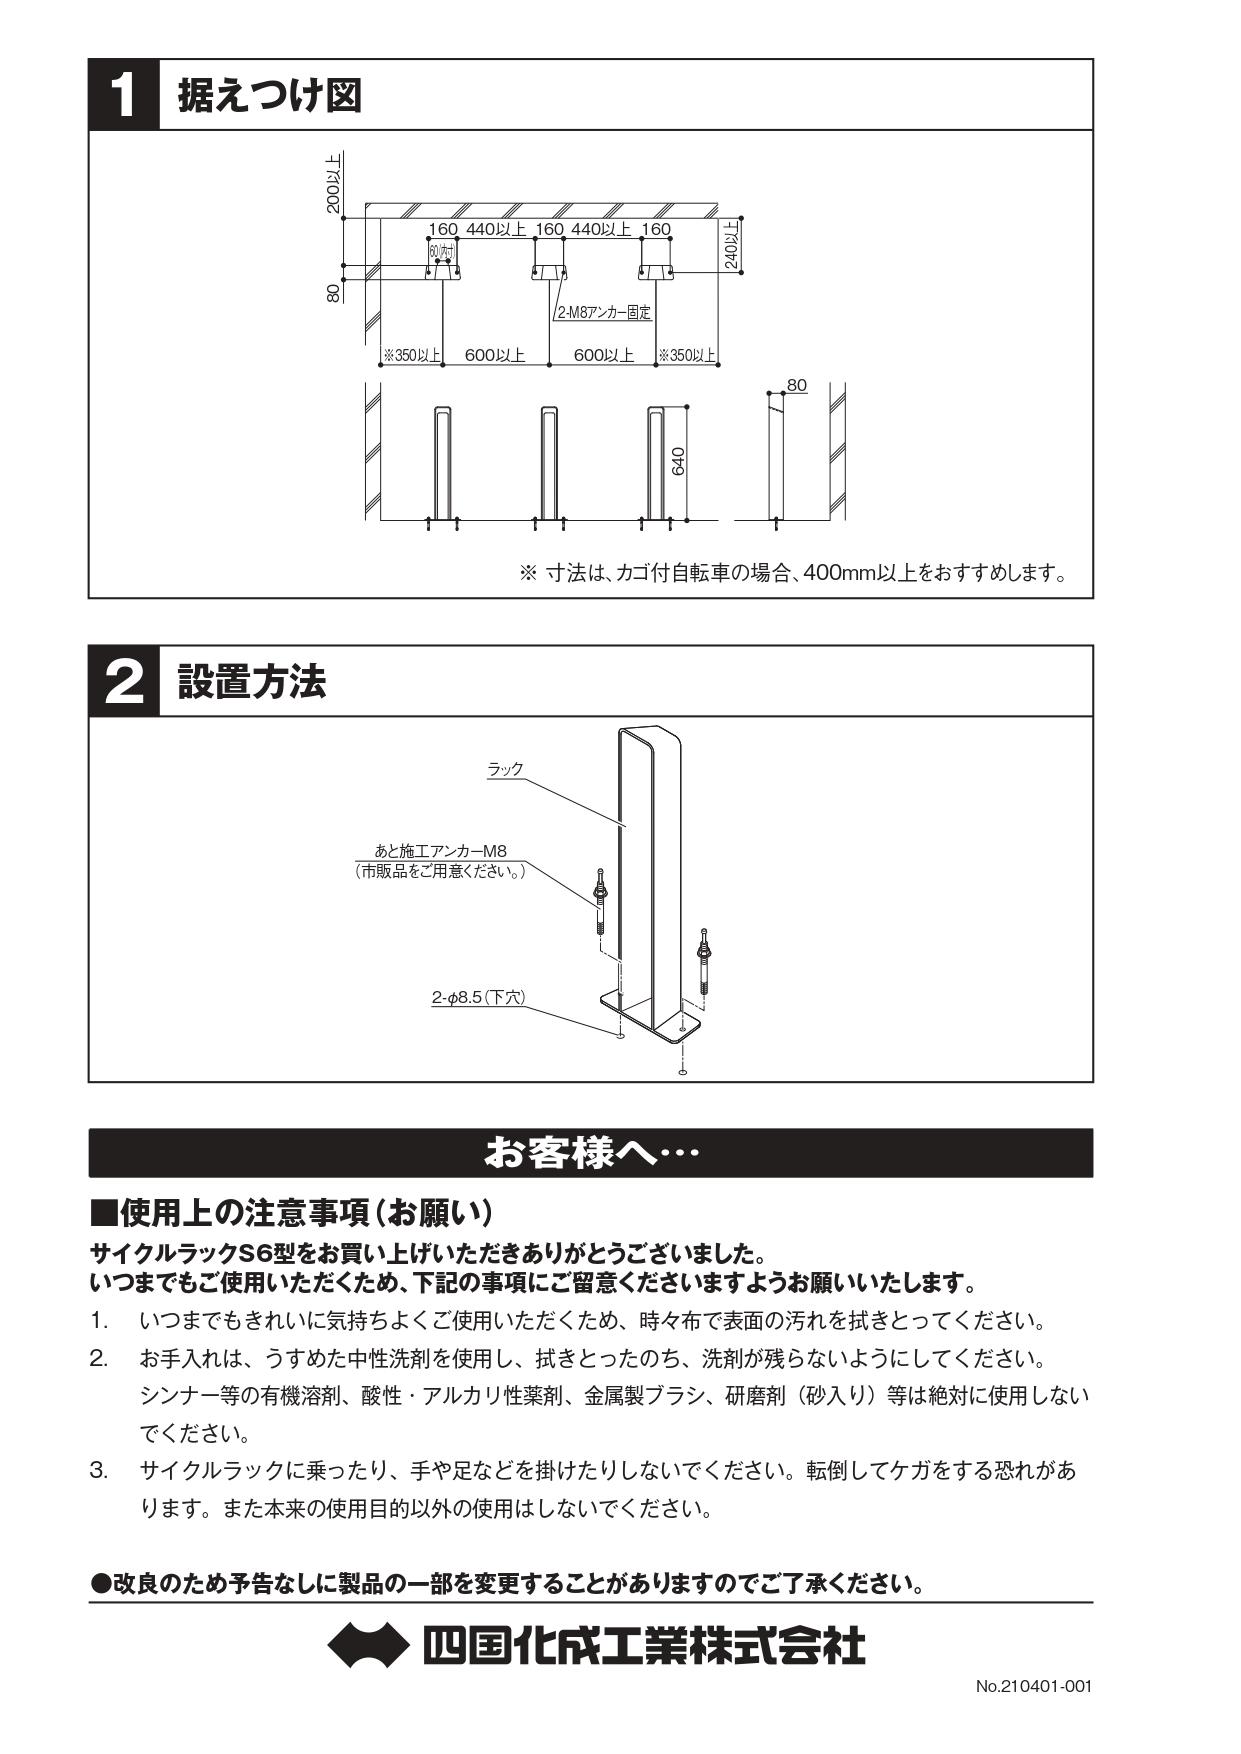 サイクルラックS6型 施工説明書_page-0002